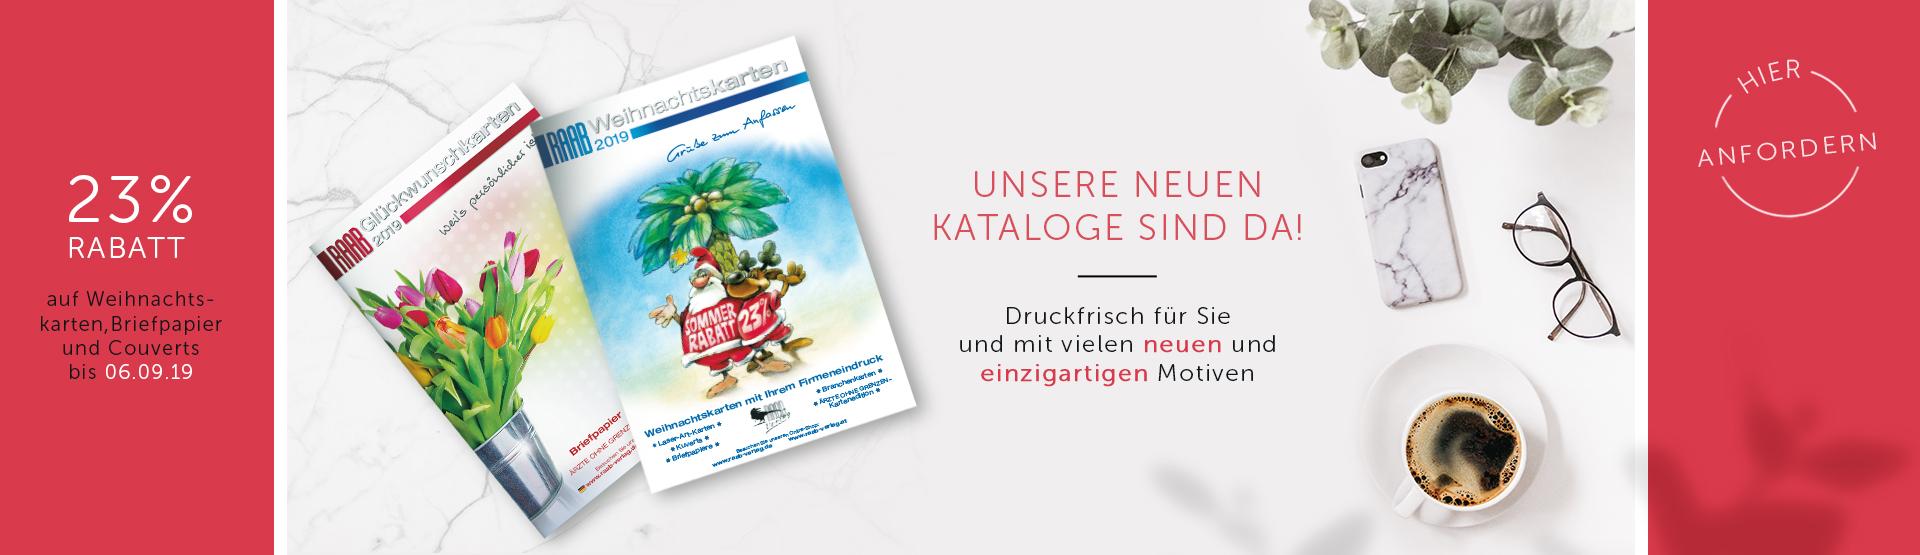 Weihnachtskarten Verlag.Klapp Grußkarten Online Drucken Präsente Mehr Raab Verlag